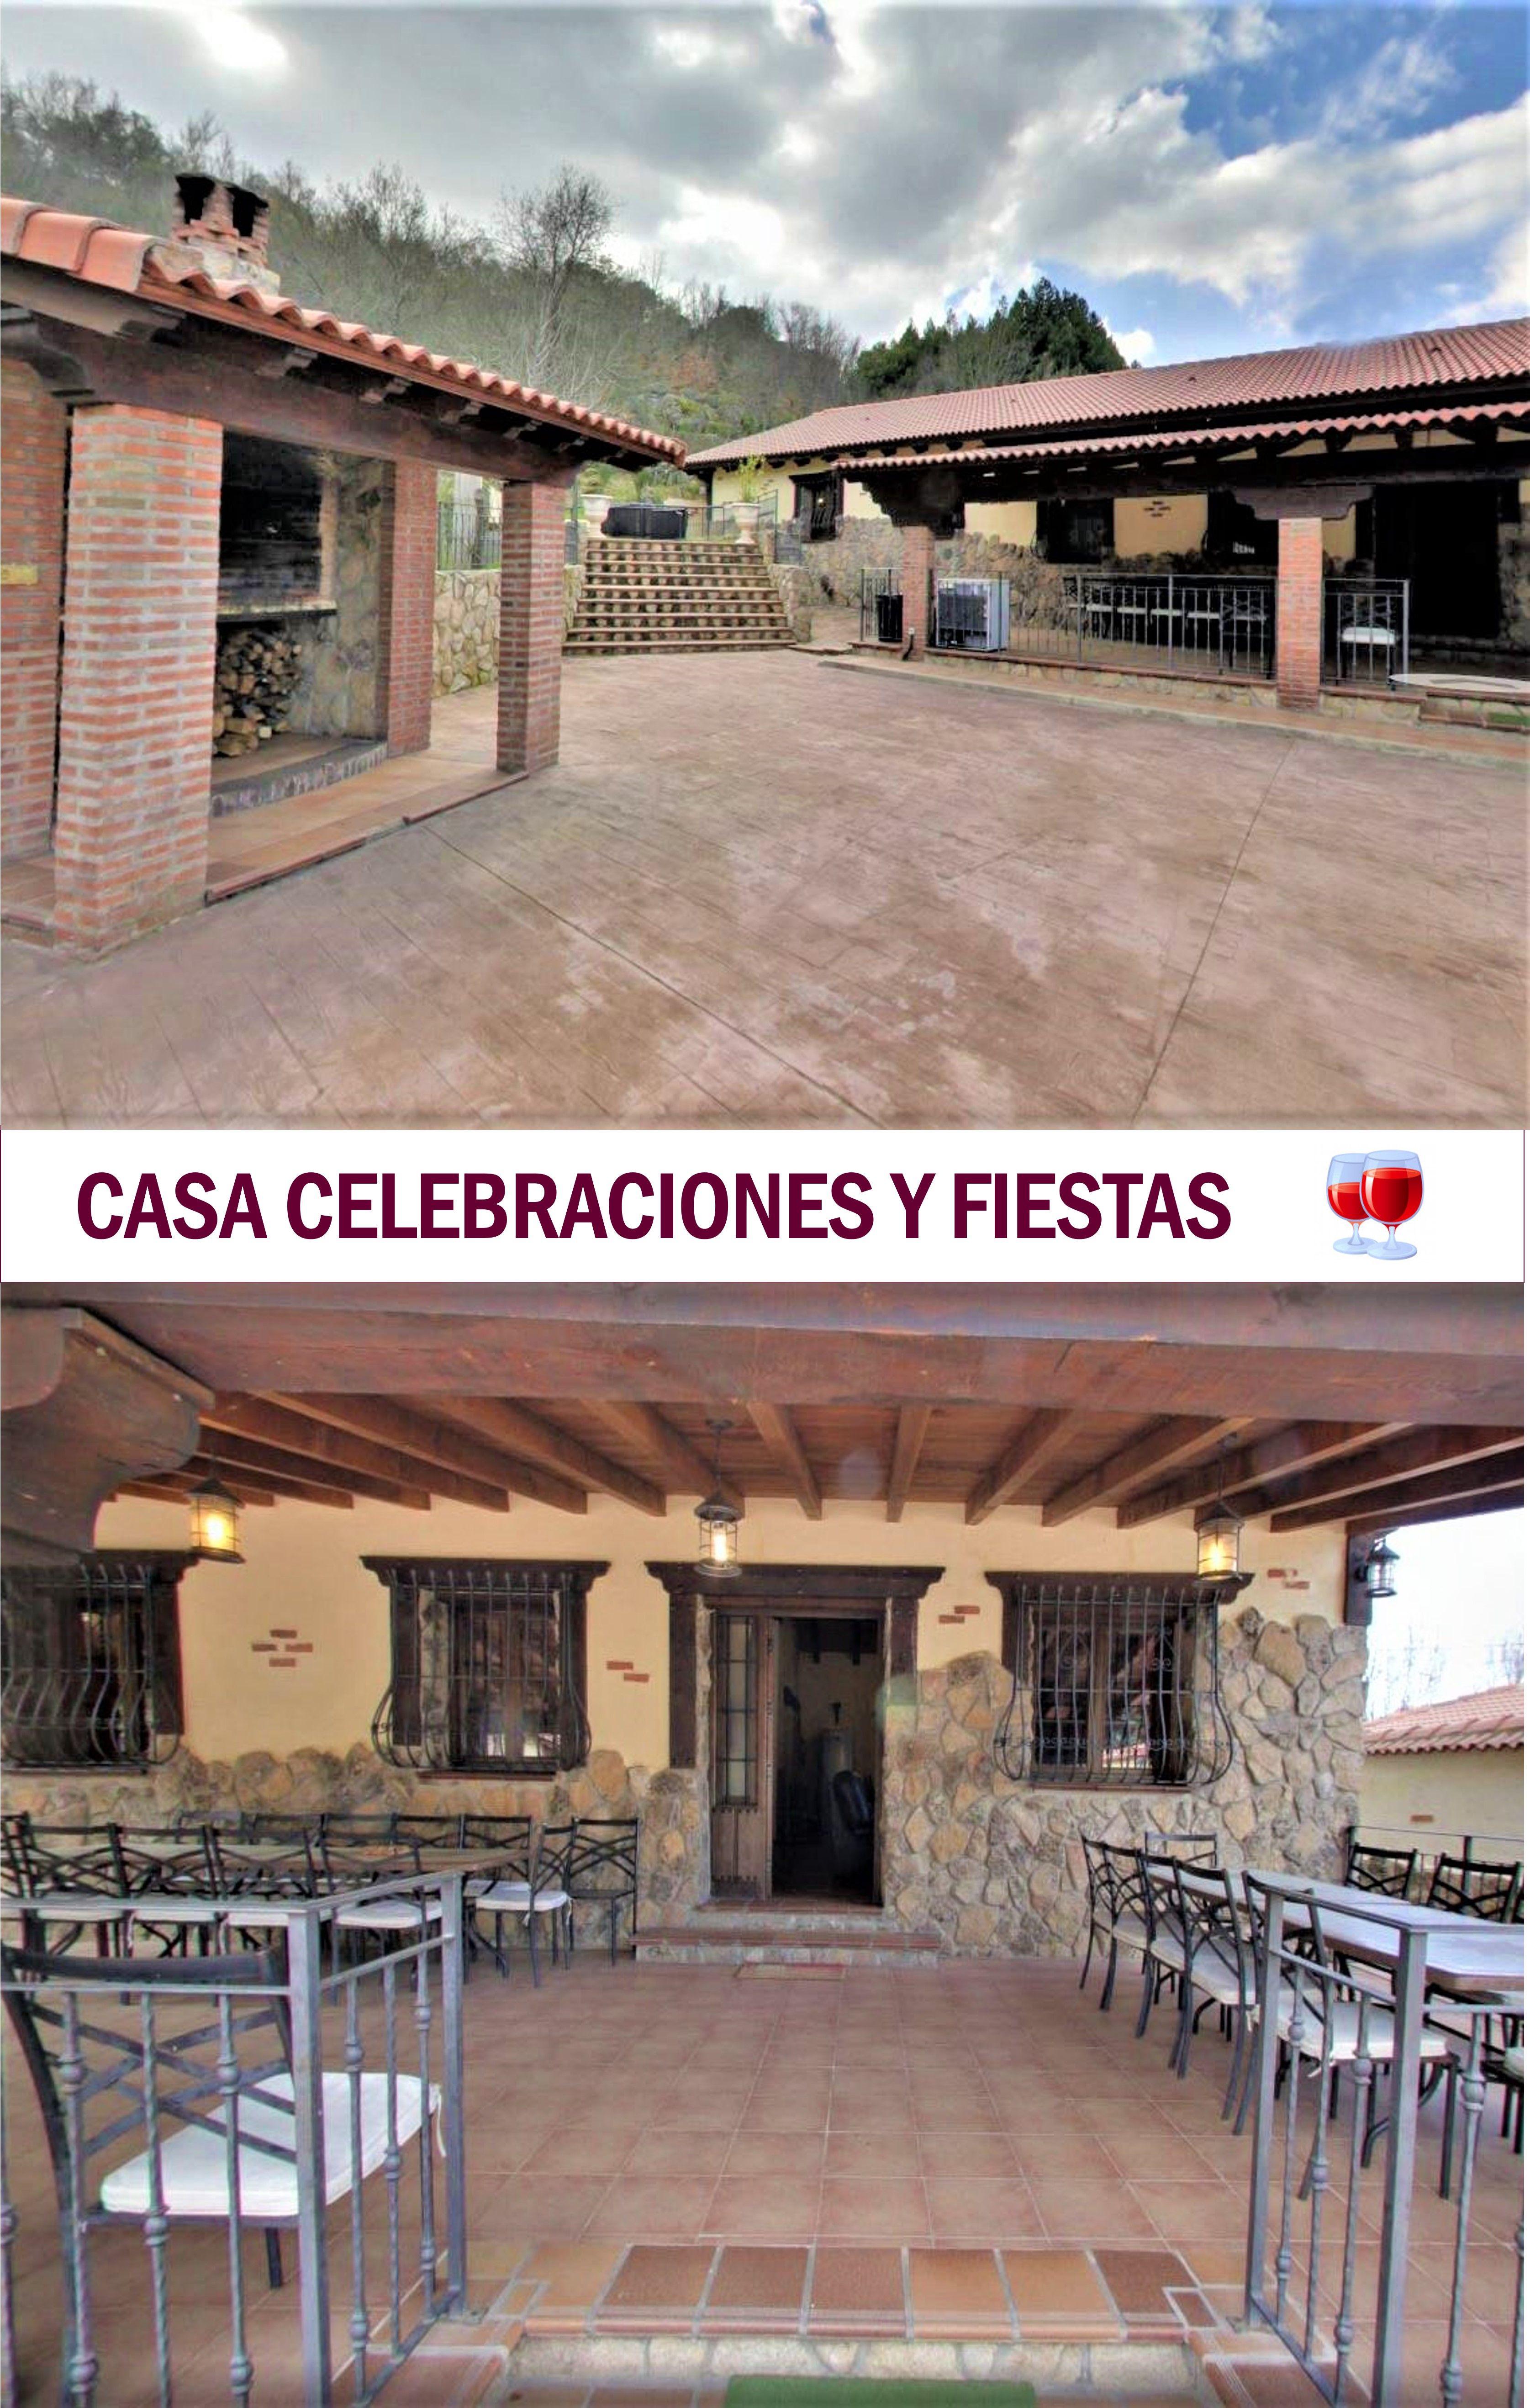 ávila Casa Para Fiestas Y Celebraciones En Navaluenga 7 Hab Chimenea Piscina Jacuzzi Y Barbacoa Casas Rurales Casas Para Fiestas Casas